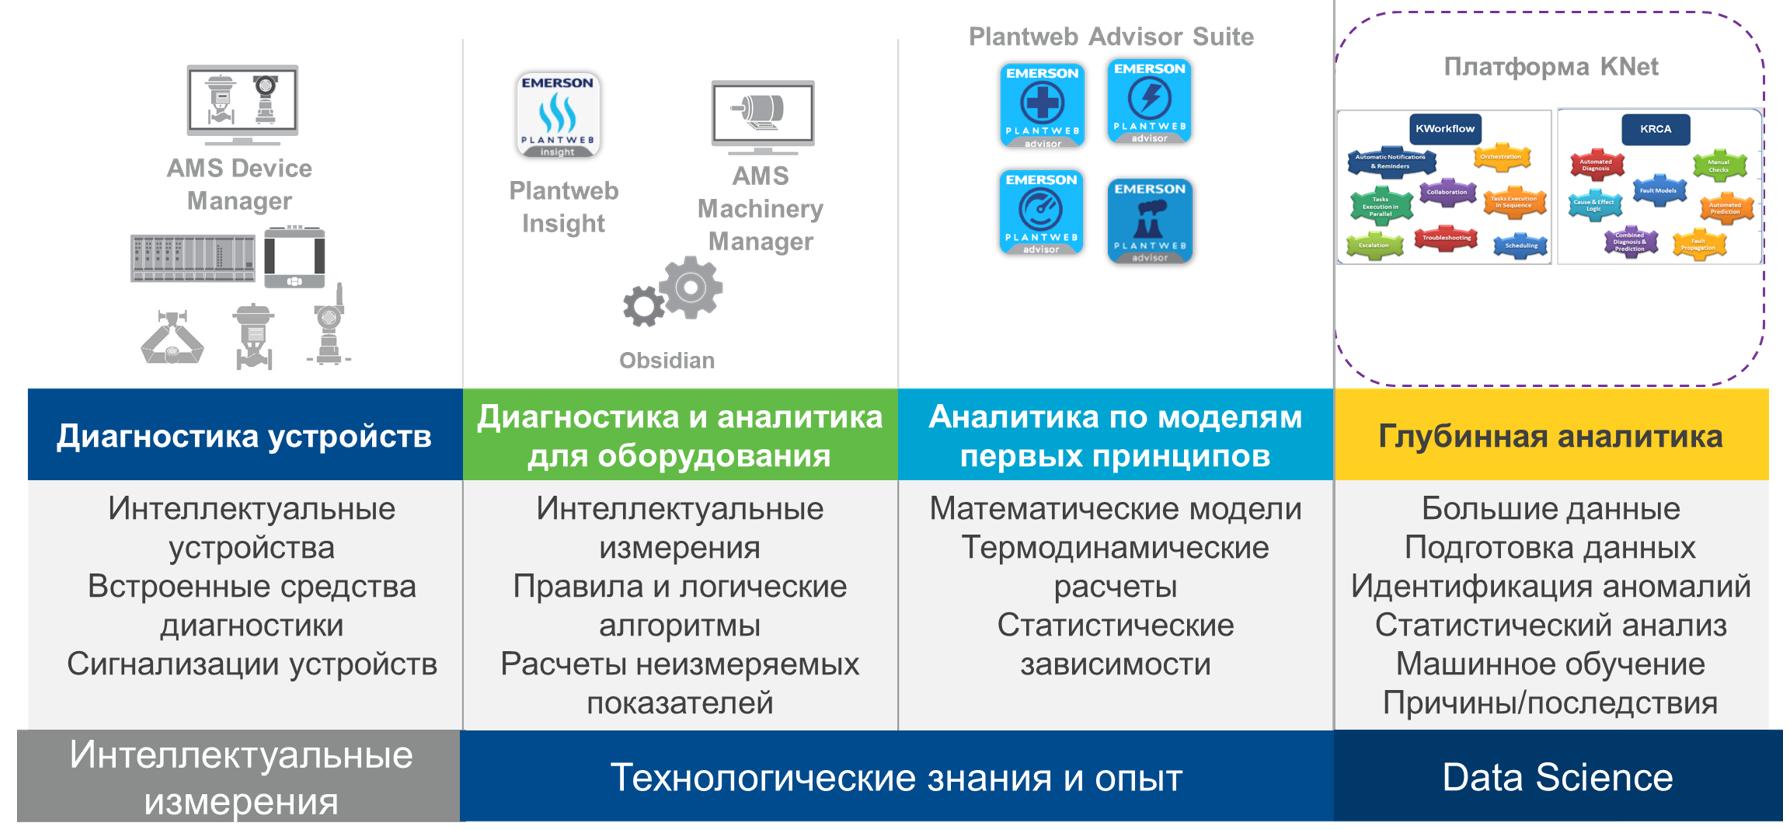 ris_2._analiticheskie_vozmozhnosti_tsifrovoj_ekosistemy_plantweb.png